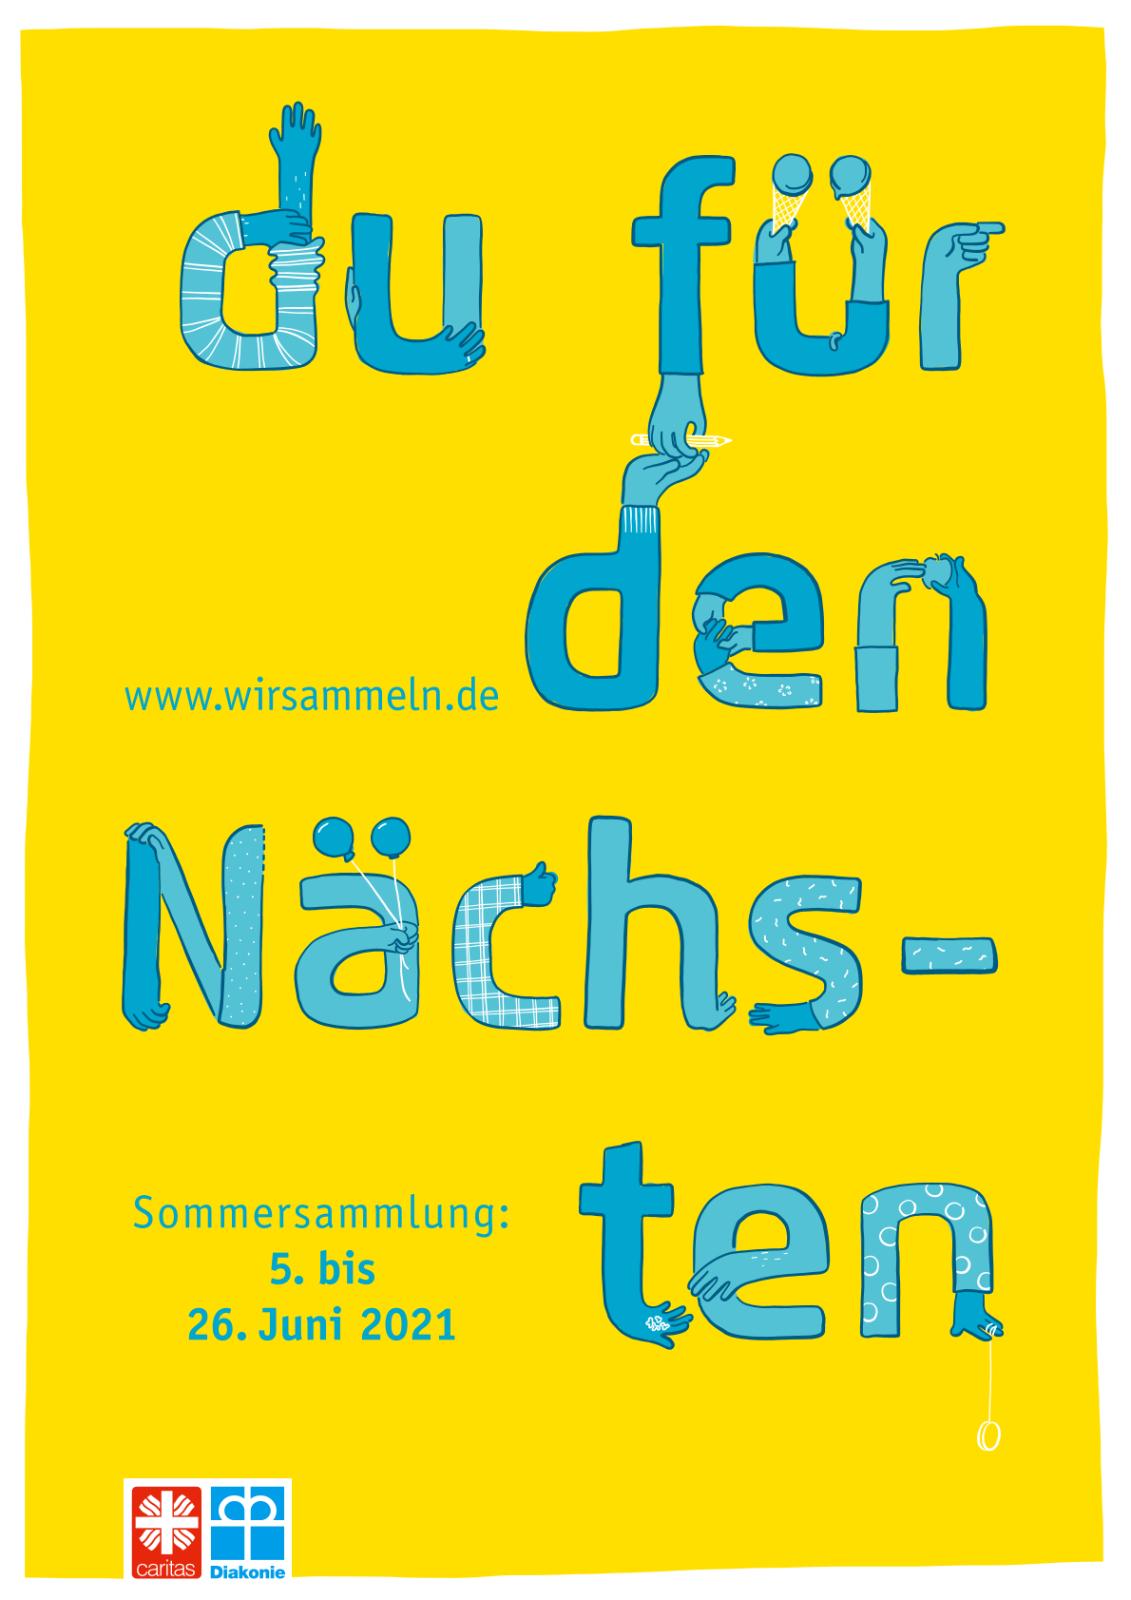 2021 nrw kommunion Bundestagswahl 2021